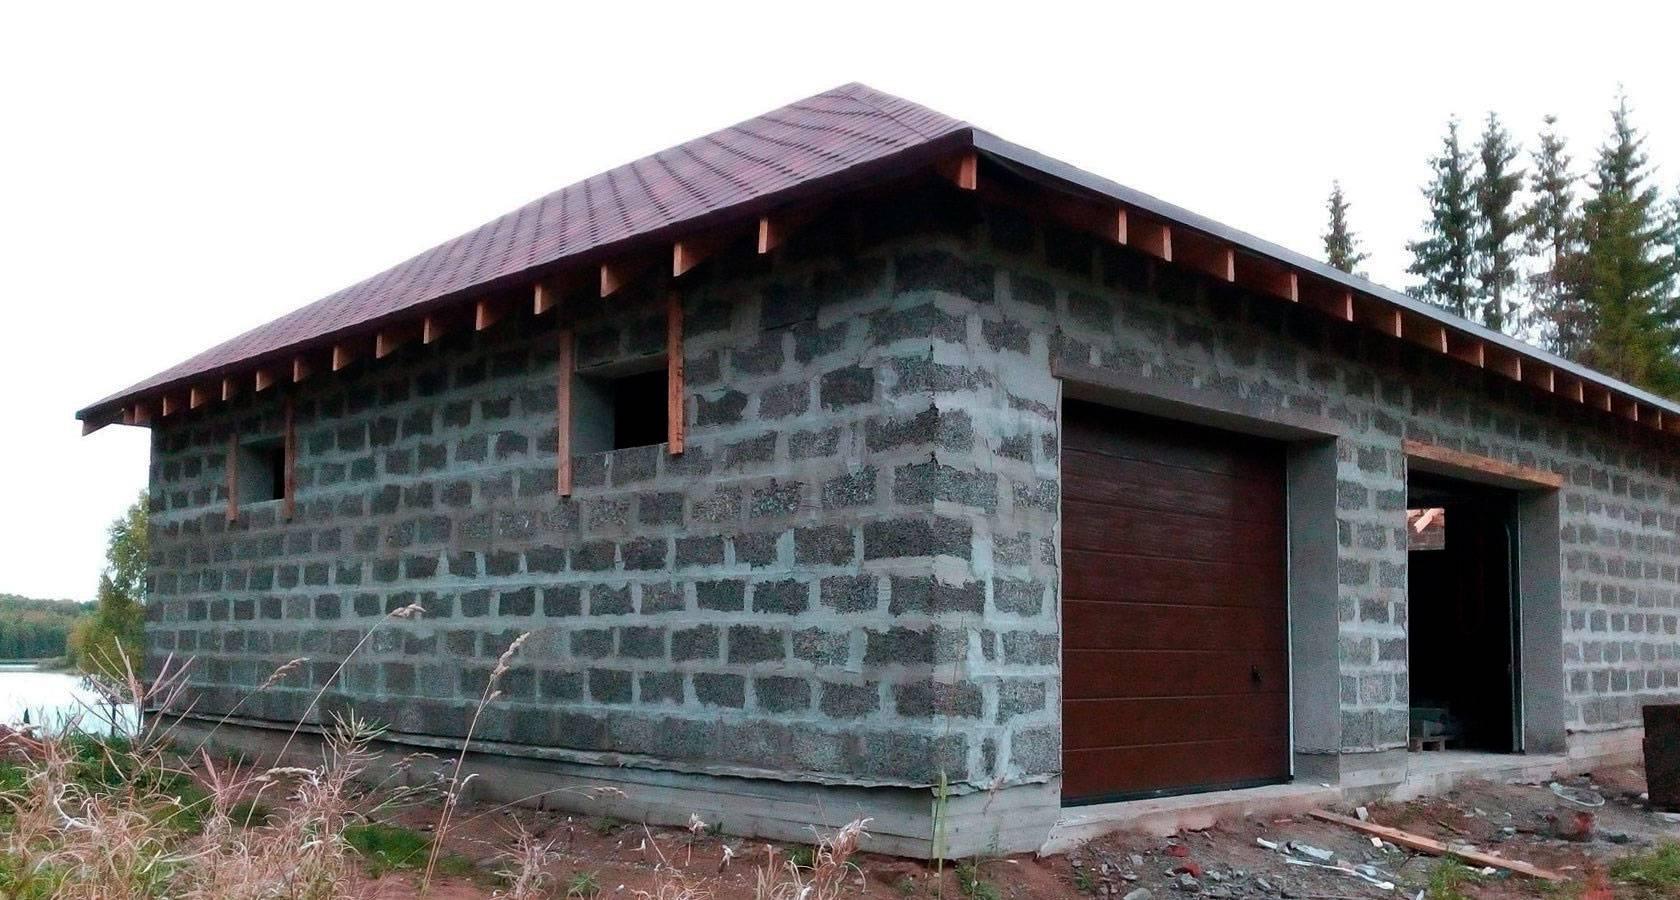 Сколько пеноблока нужно на гараж размером 6 на 4, строительство своими руками: инструкция, фото и видео-уроки